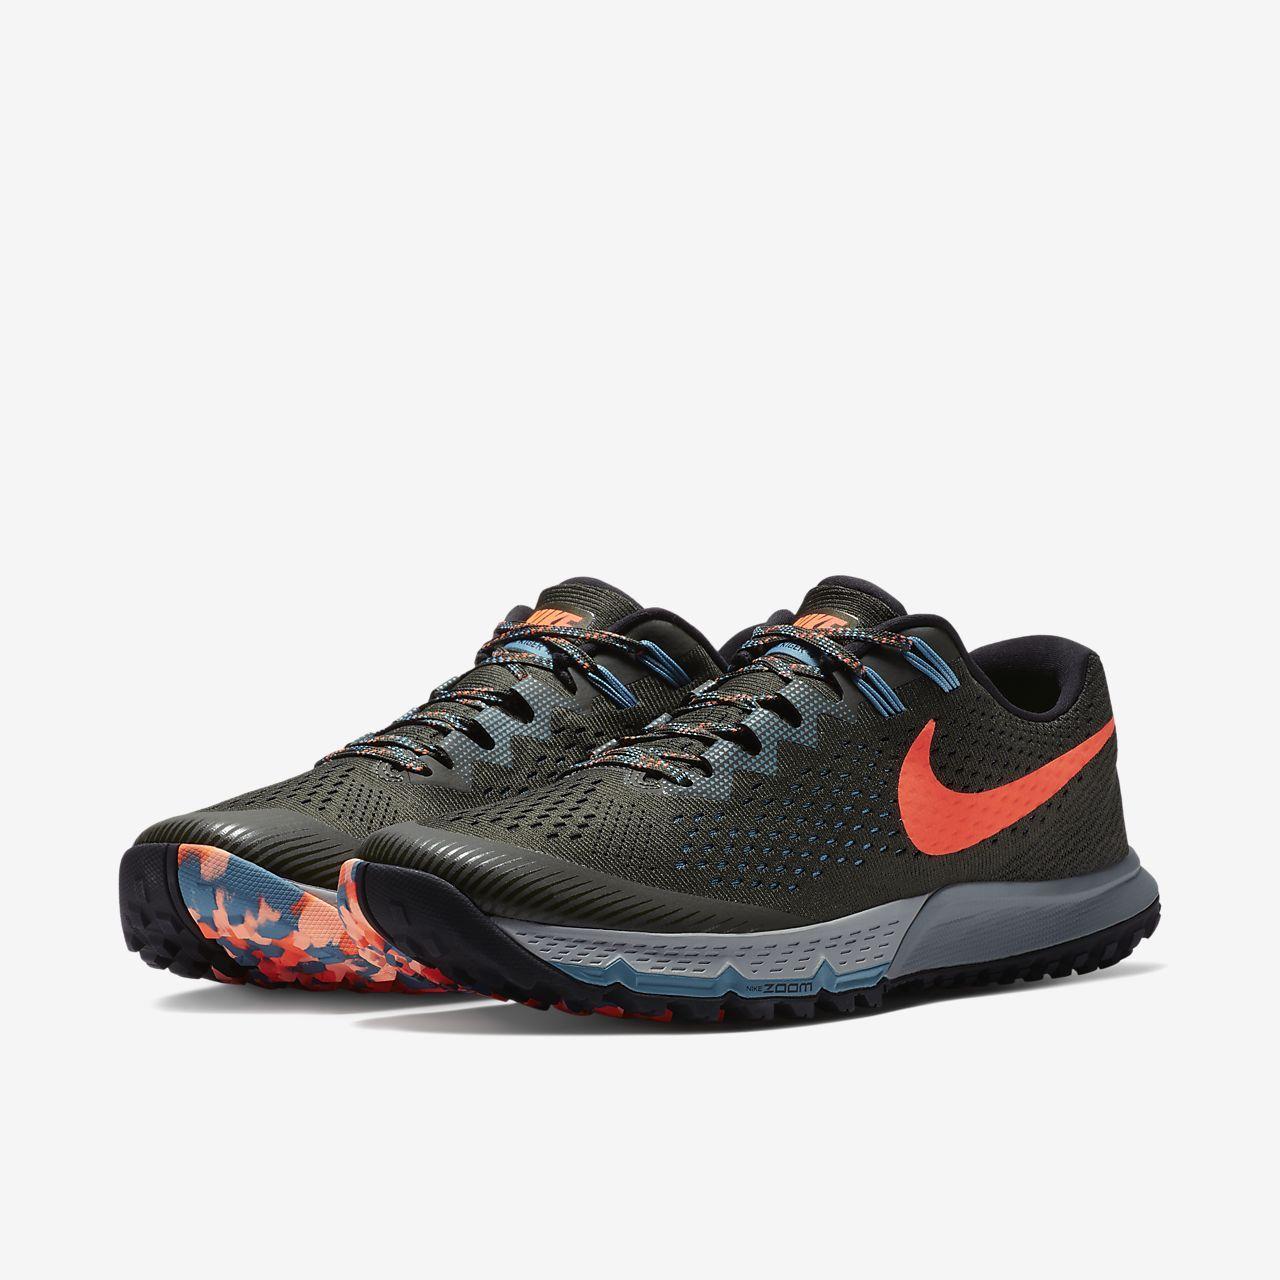 Cheap Nike Air Zoom Terra Kiger 4